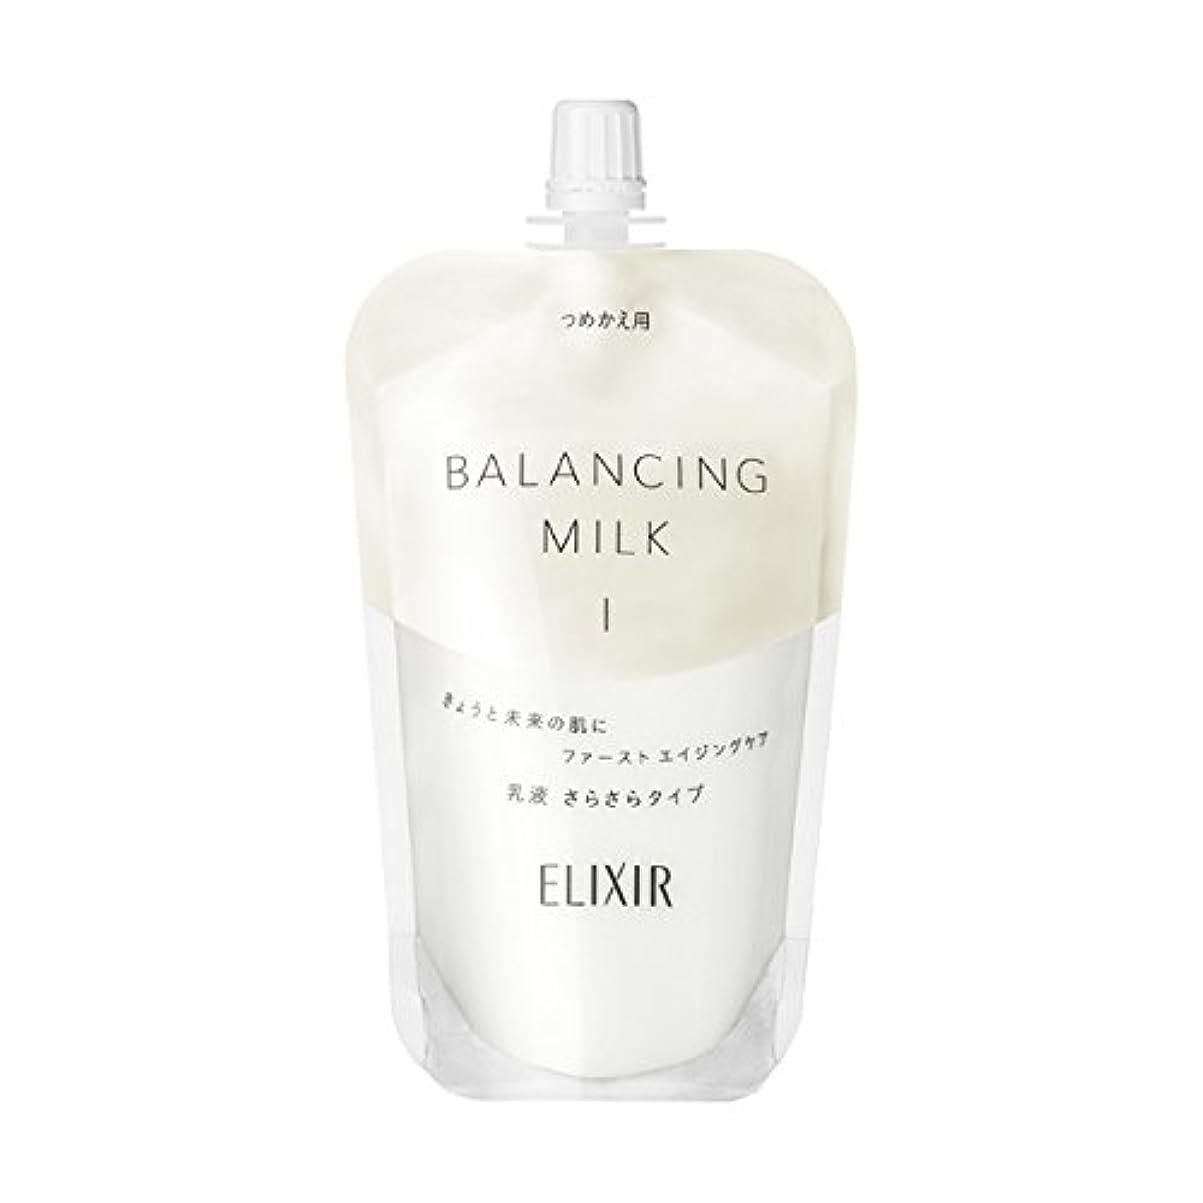 ベッドトレイ許すエリクシール ルフレ バランシング ミルク 乳液 1 (さらさらタイプ) (つめかえ用) 110mL